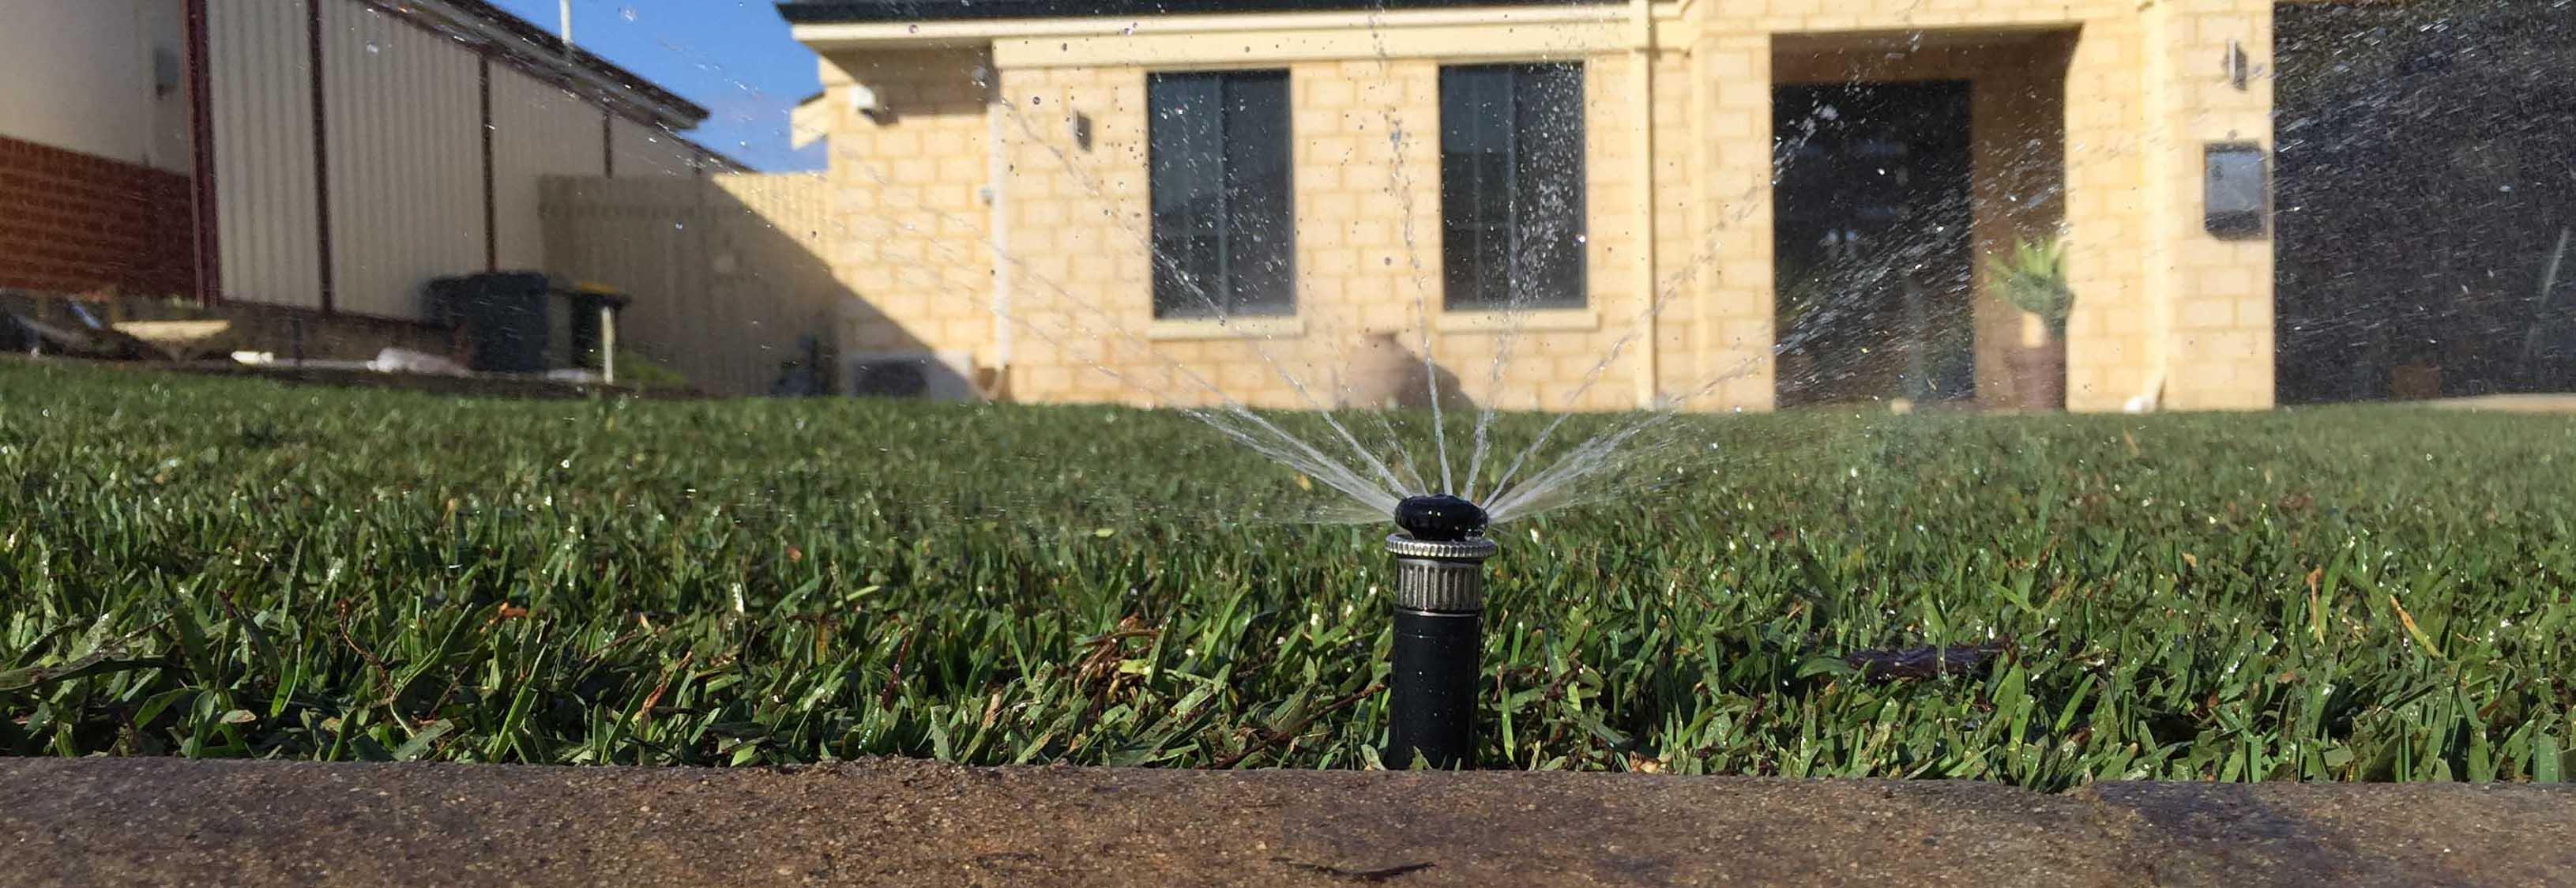 All sprinkler repairs